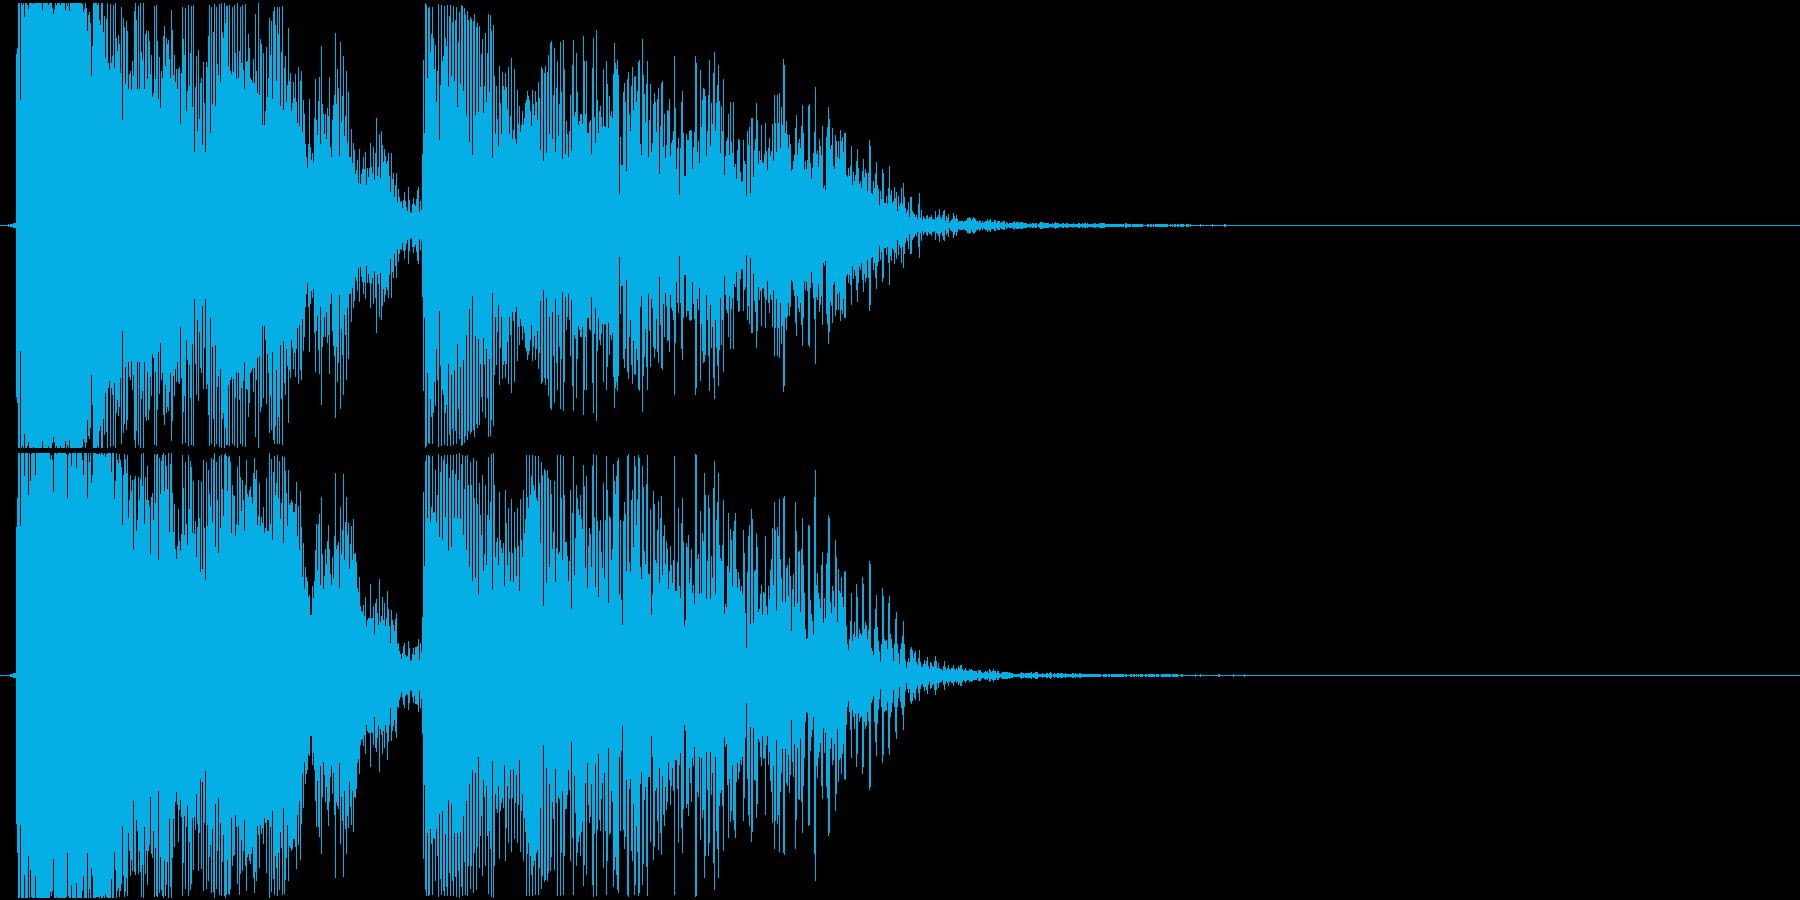 格闘ゲーム用「KO」の再生済みの波形